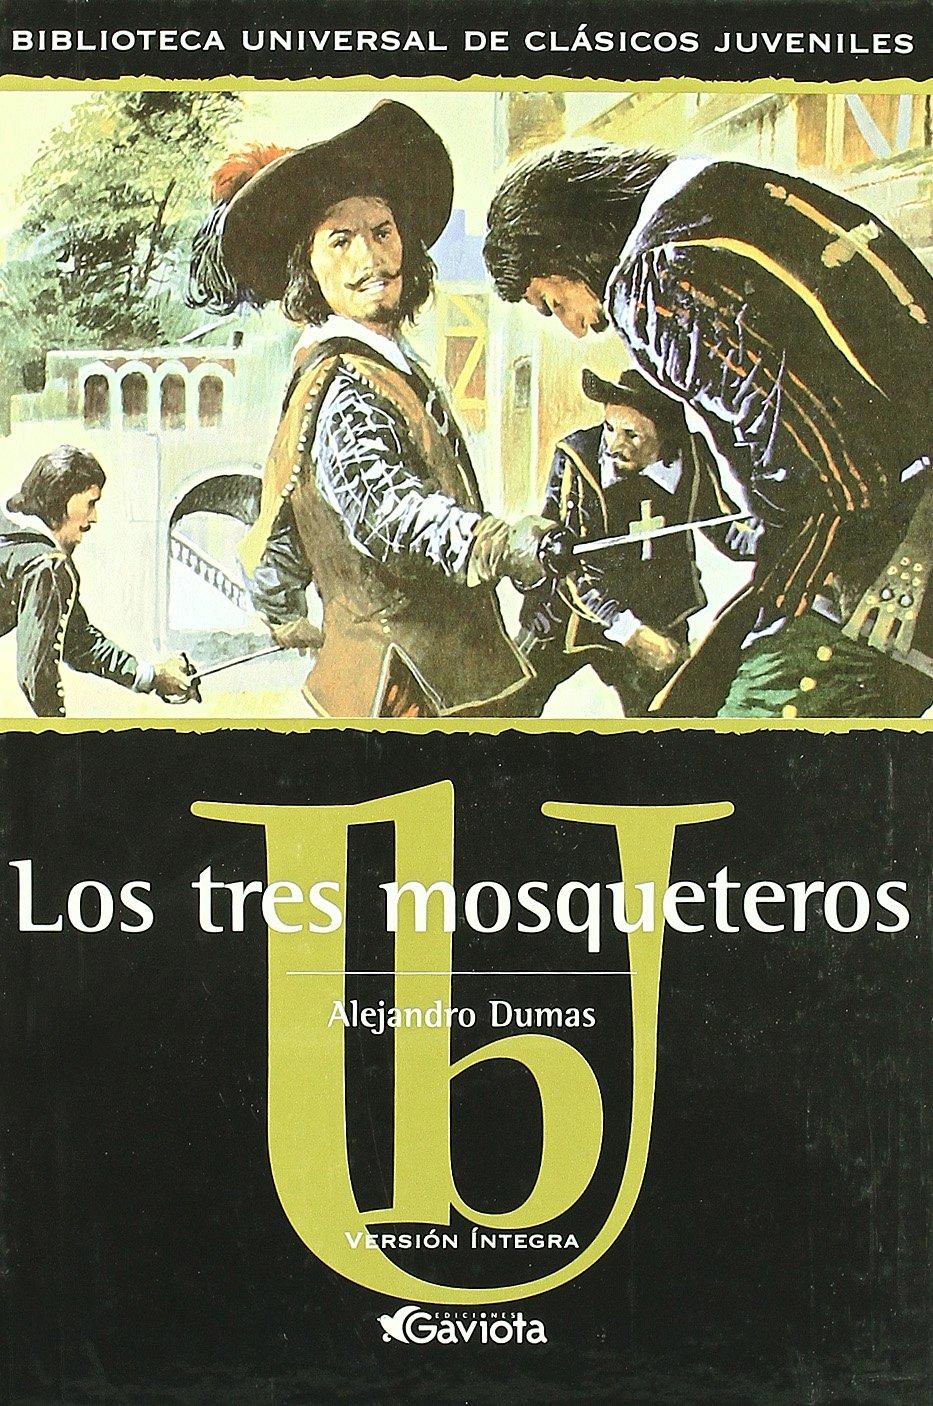 Los tres mosqueteros Biblioteca universal de clásicos juveniles: Amazon.es: Dumas Alejandro, TRADUTEX: Libros